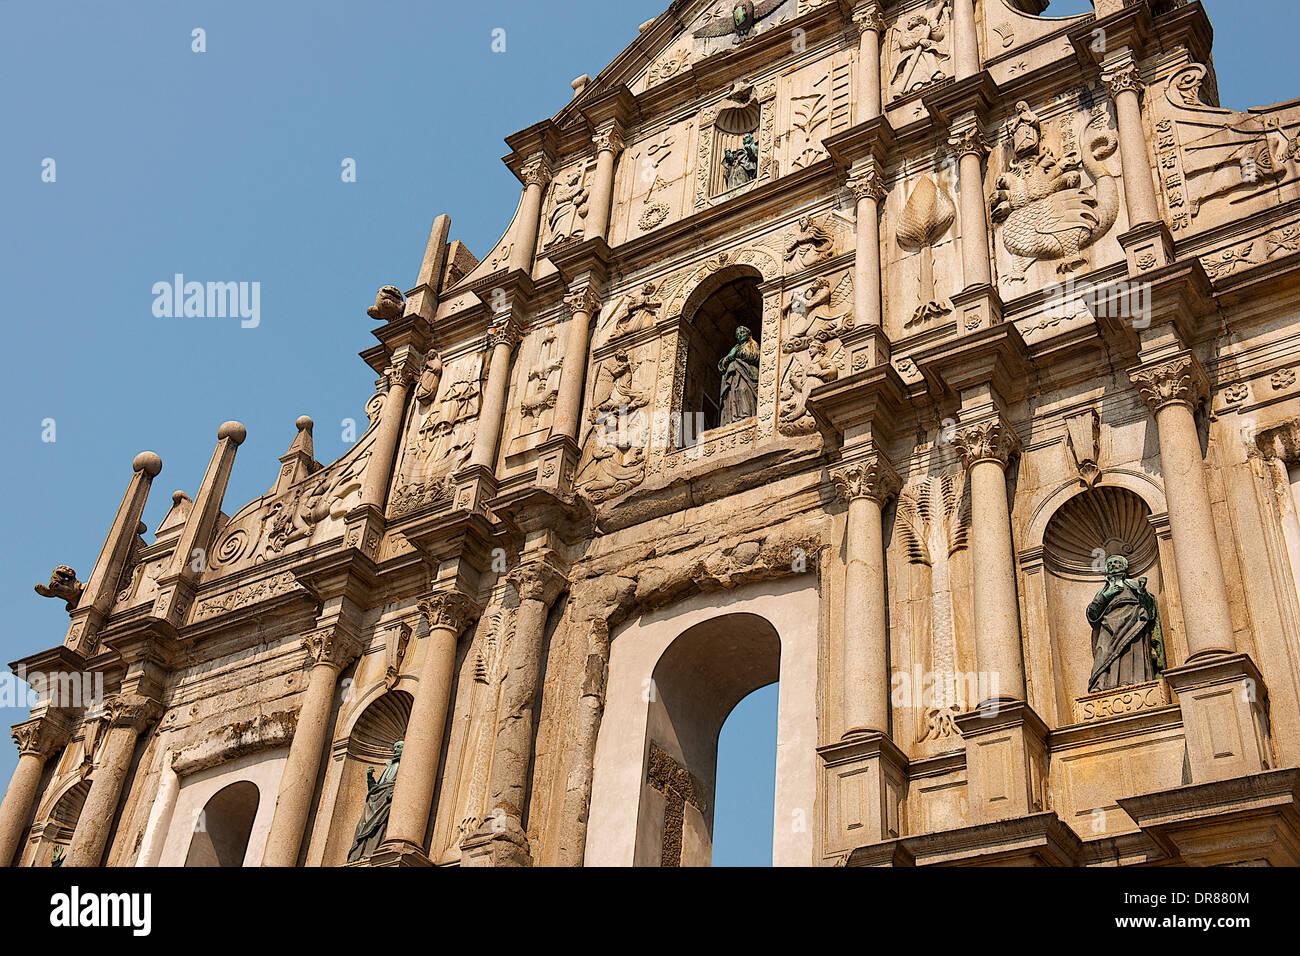 Las ruinas de la Catedral de San Pablo, Macao, China Imagen De Stock